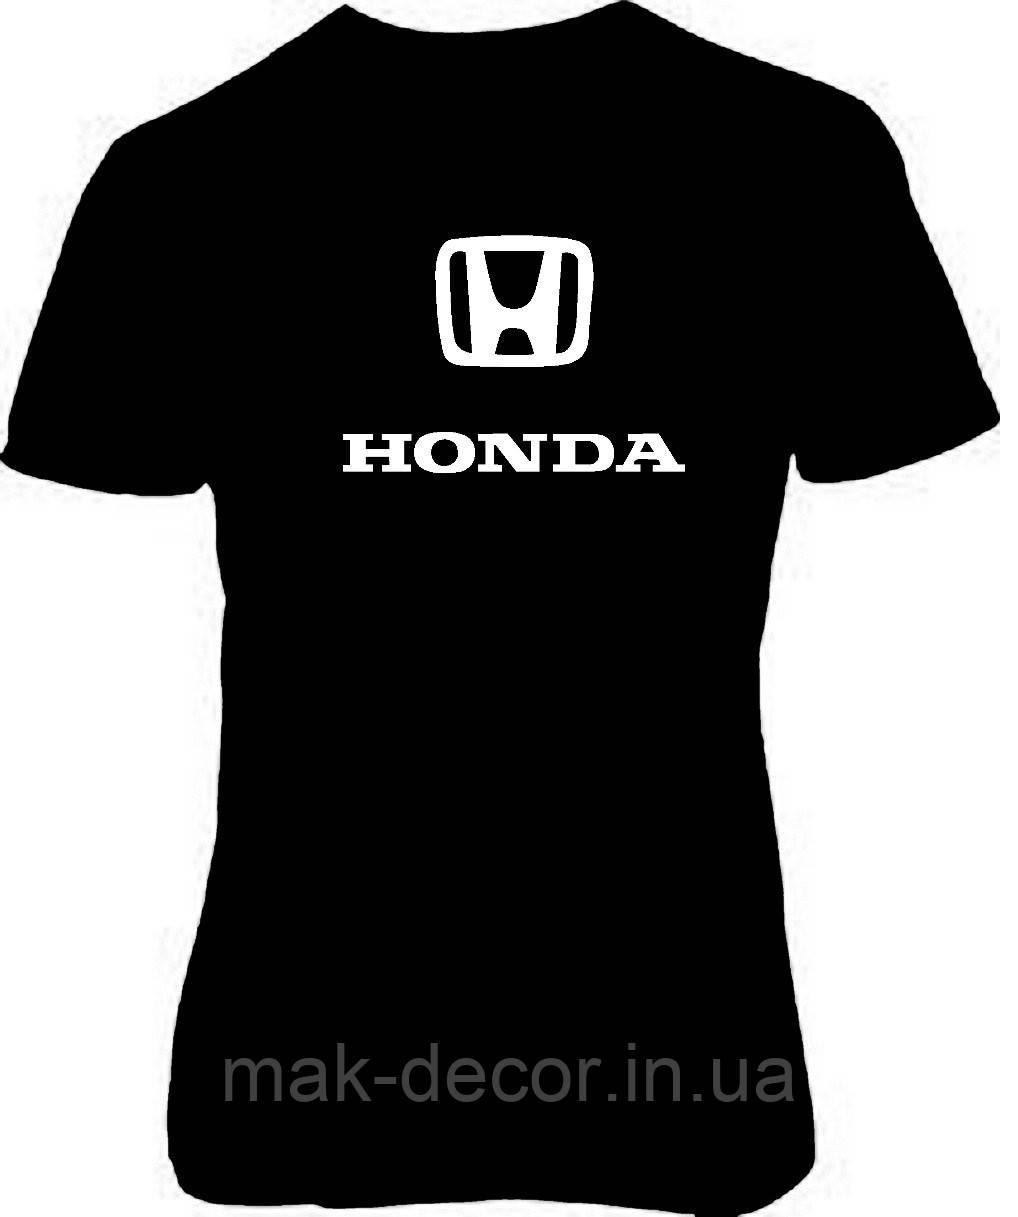 Наклейка на ткань Хонда (цена за размер 15 см)